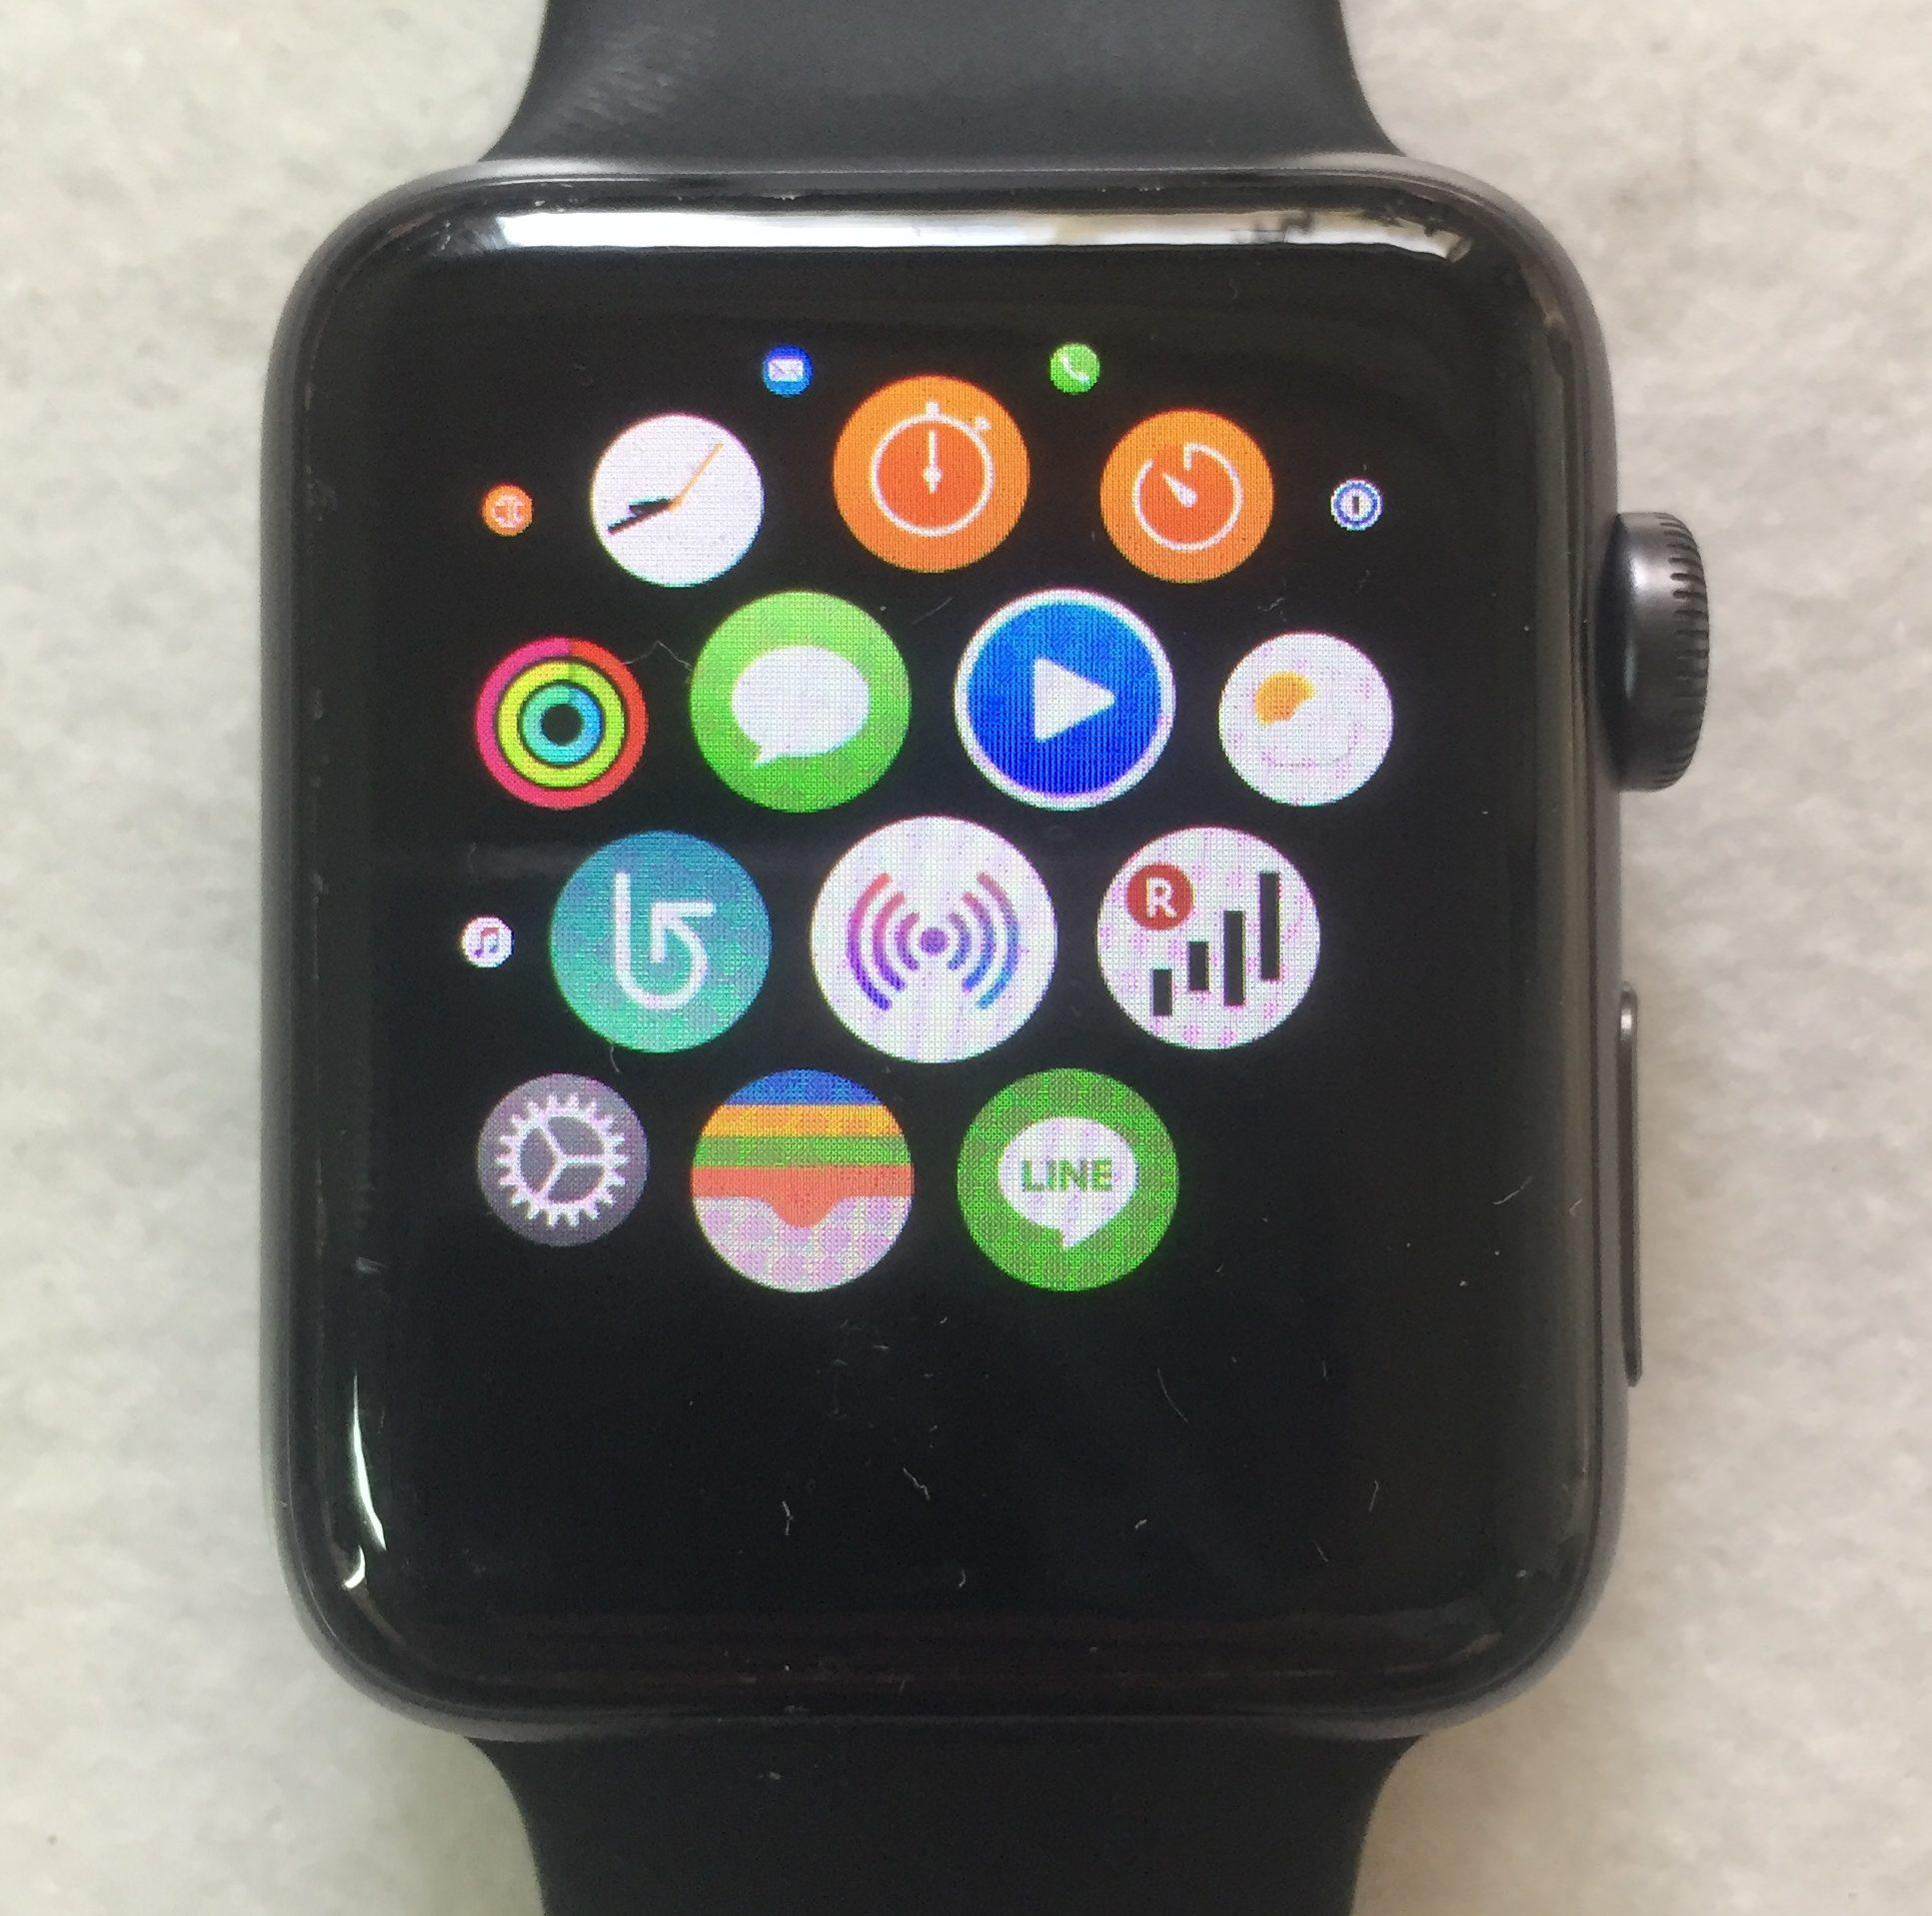 アップルウォッチLINEアプリ画面